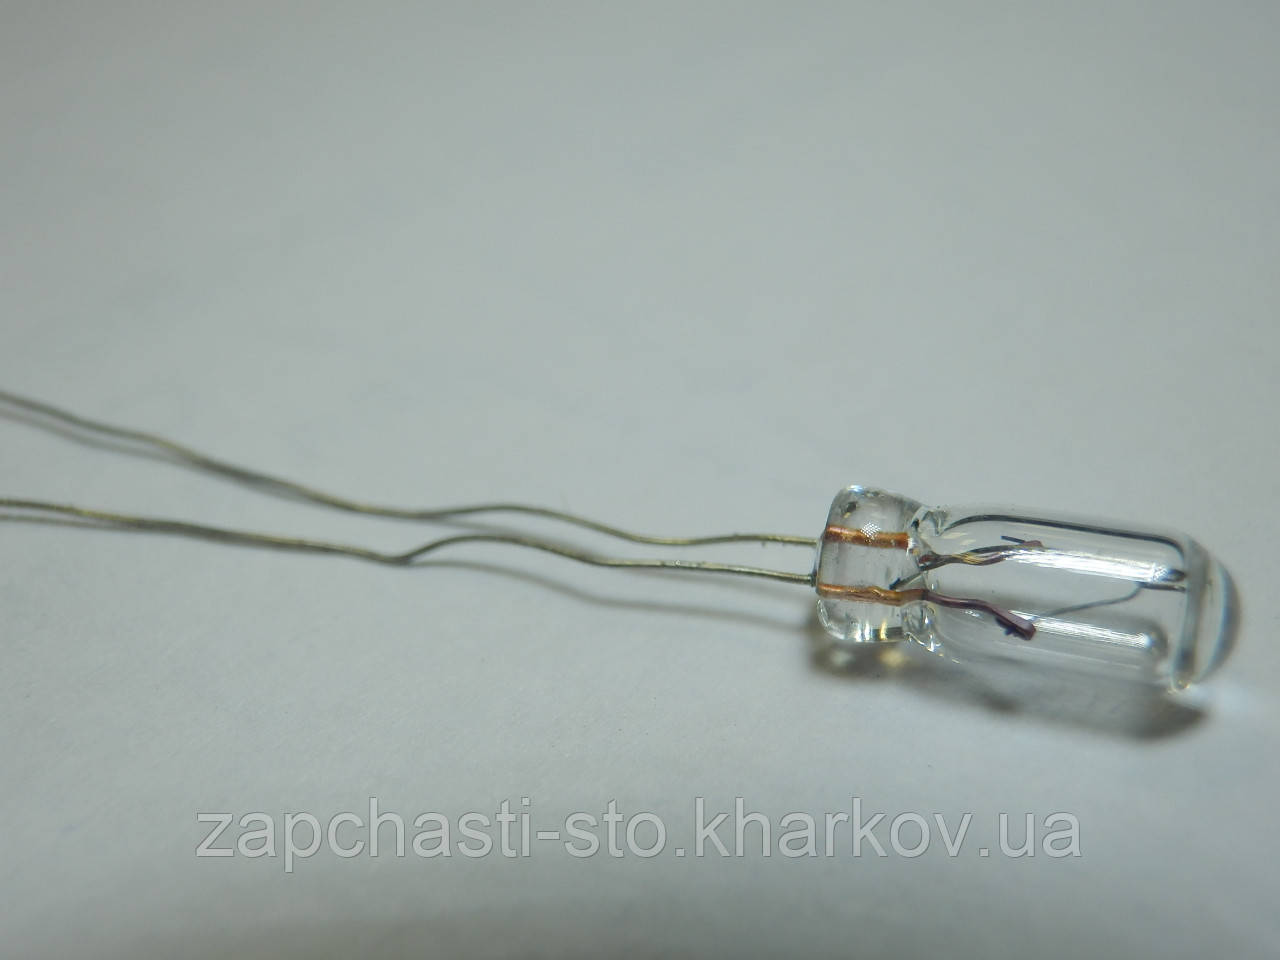 Лампа автомобильная с усиками H39 (H39-12005) 3,5Х8мм